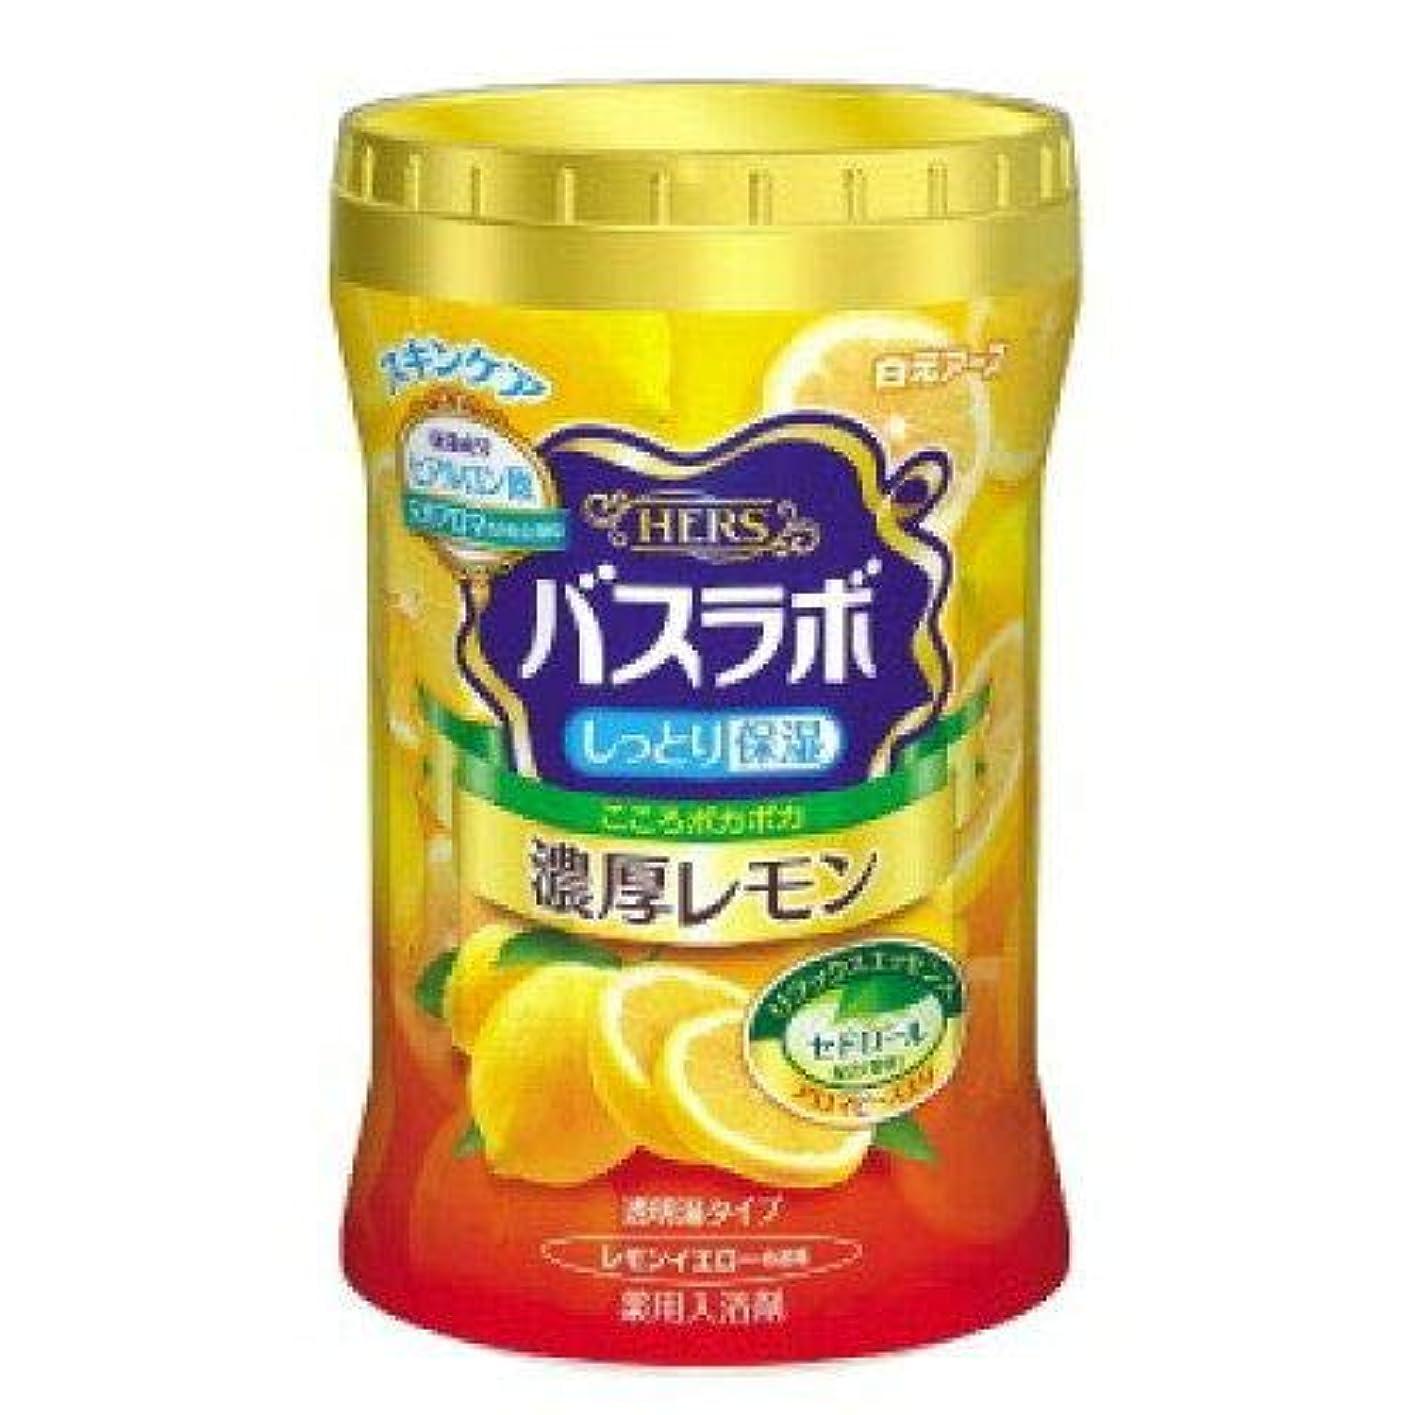 検索エンジンマーケティング荷物プリーツバスラボボトル濃厚レモン640g